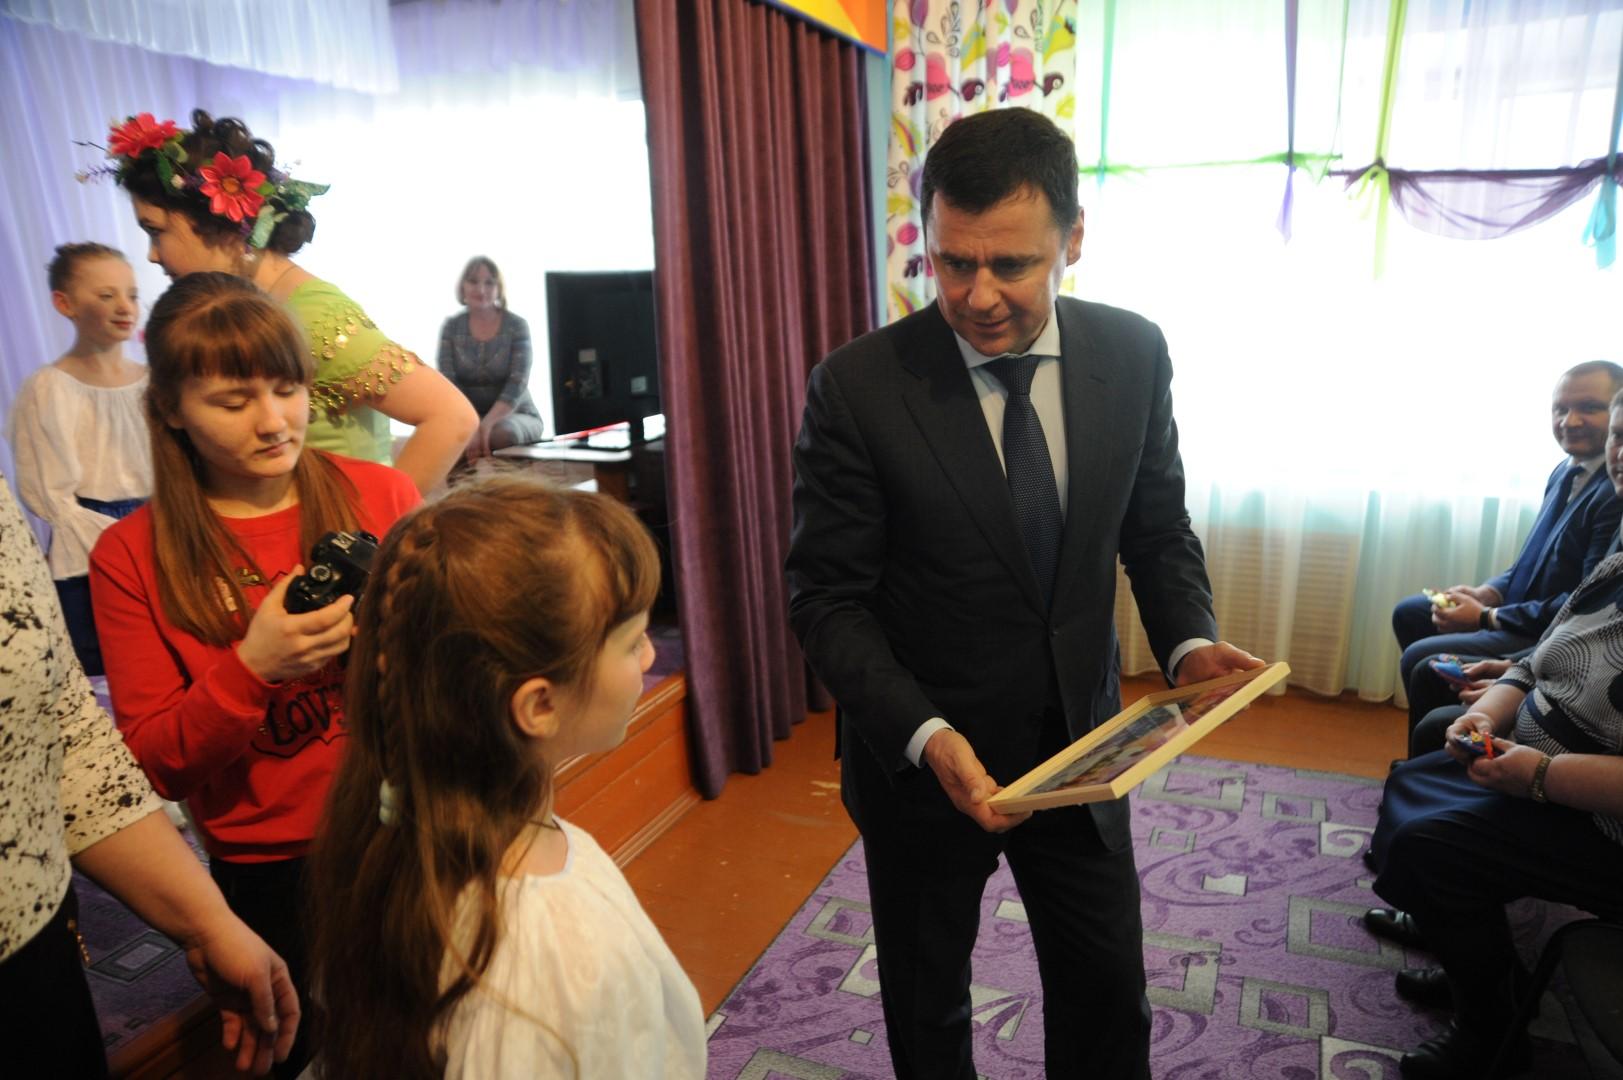 Губернатор в Первомайском районе: открытие нового бассейна, встреча с детьми из детдома и общение с жителями